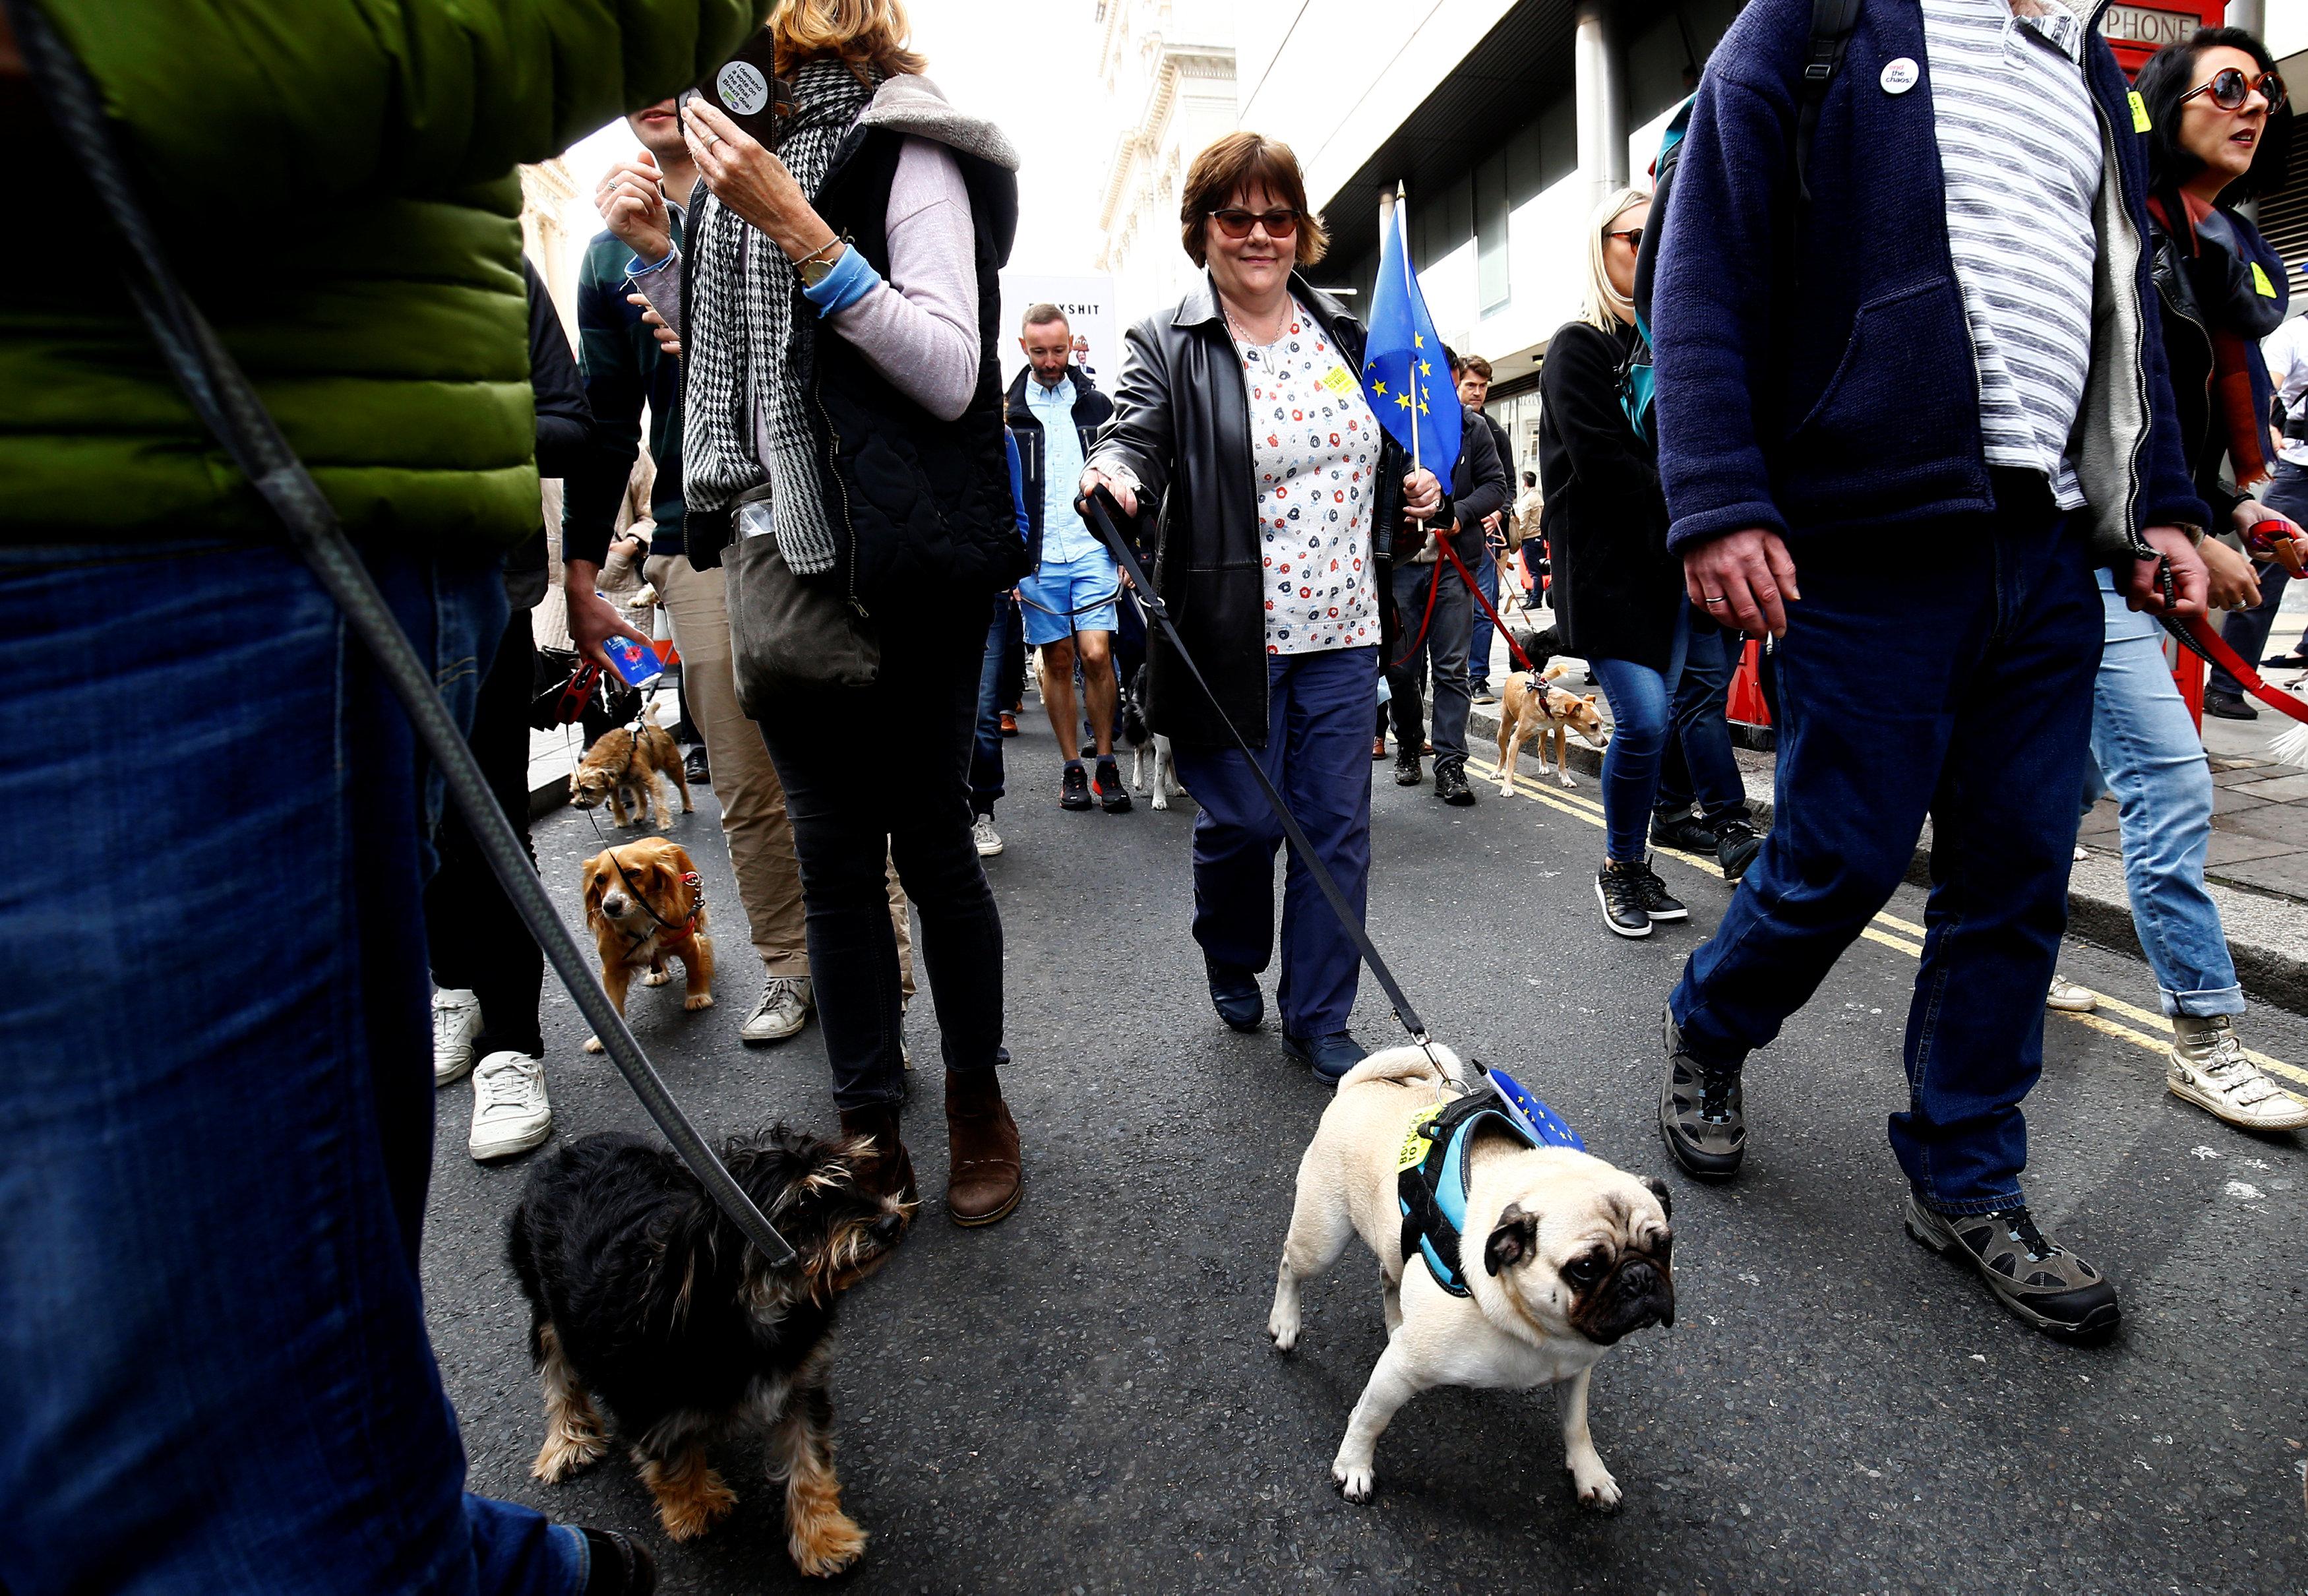 مسيرة لأصحاب الكلاب فى لندن للمطالبة بالبقاء فى الاتحاد الأوروبى